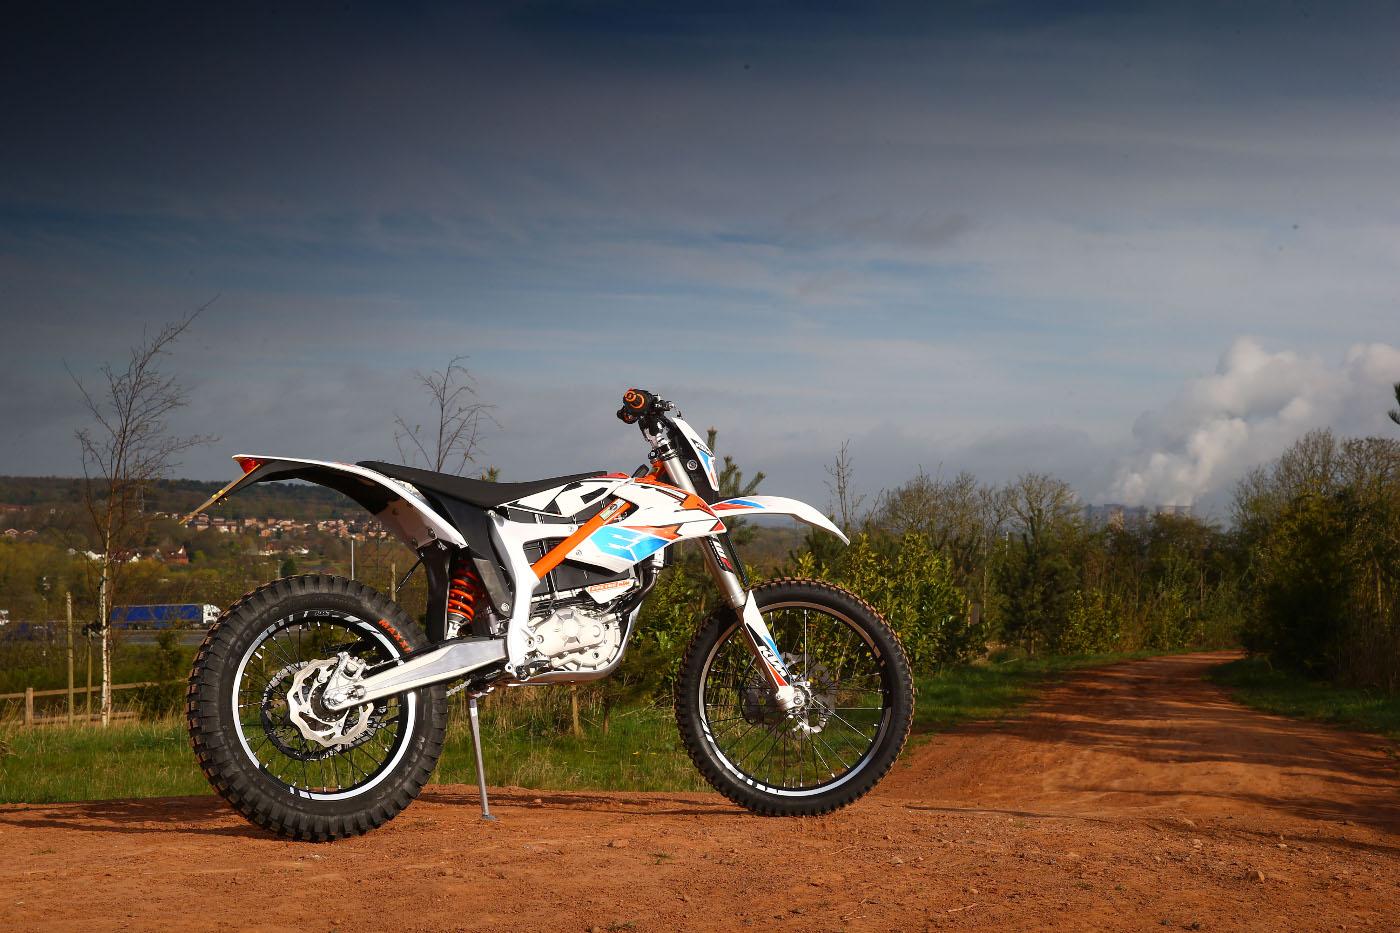 Ktm Freeride E Sm >> We ride the KTM Freeride E-XC and E-SX | ResCogs